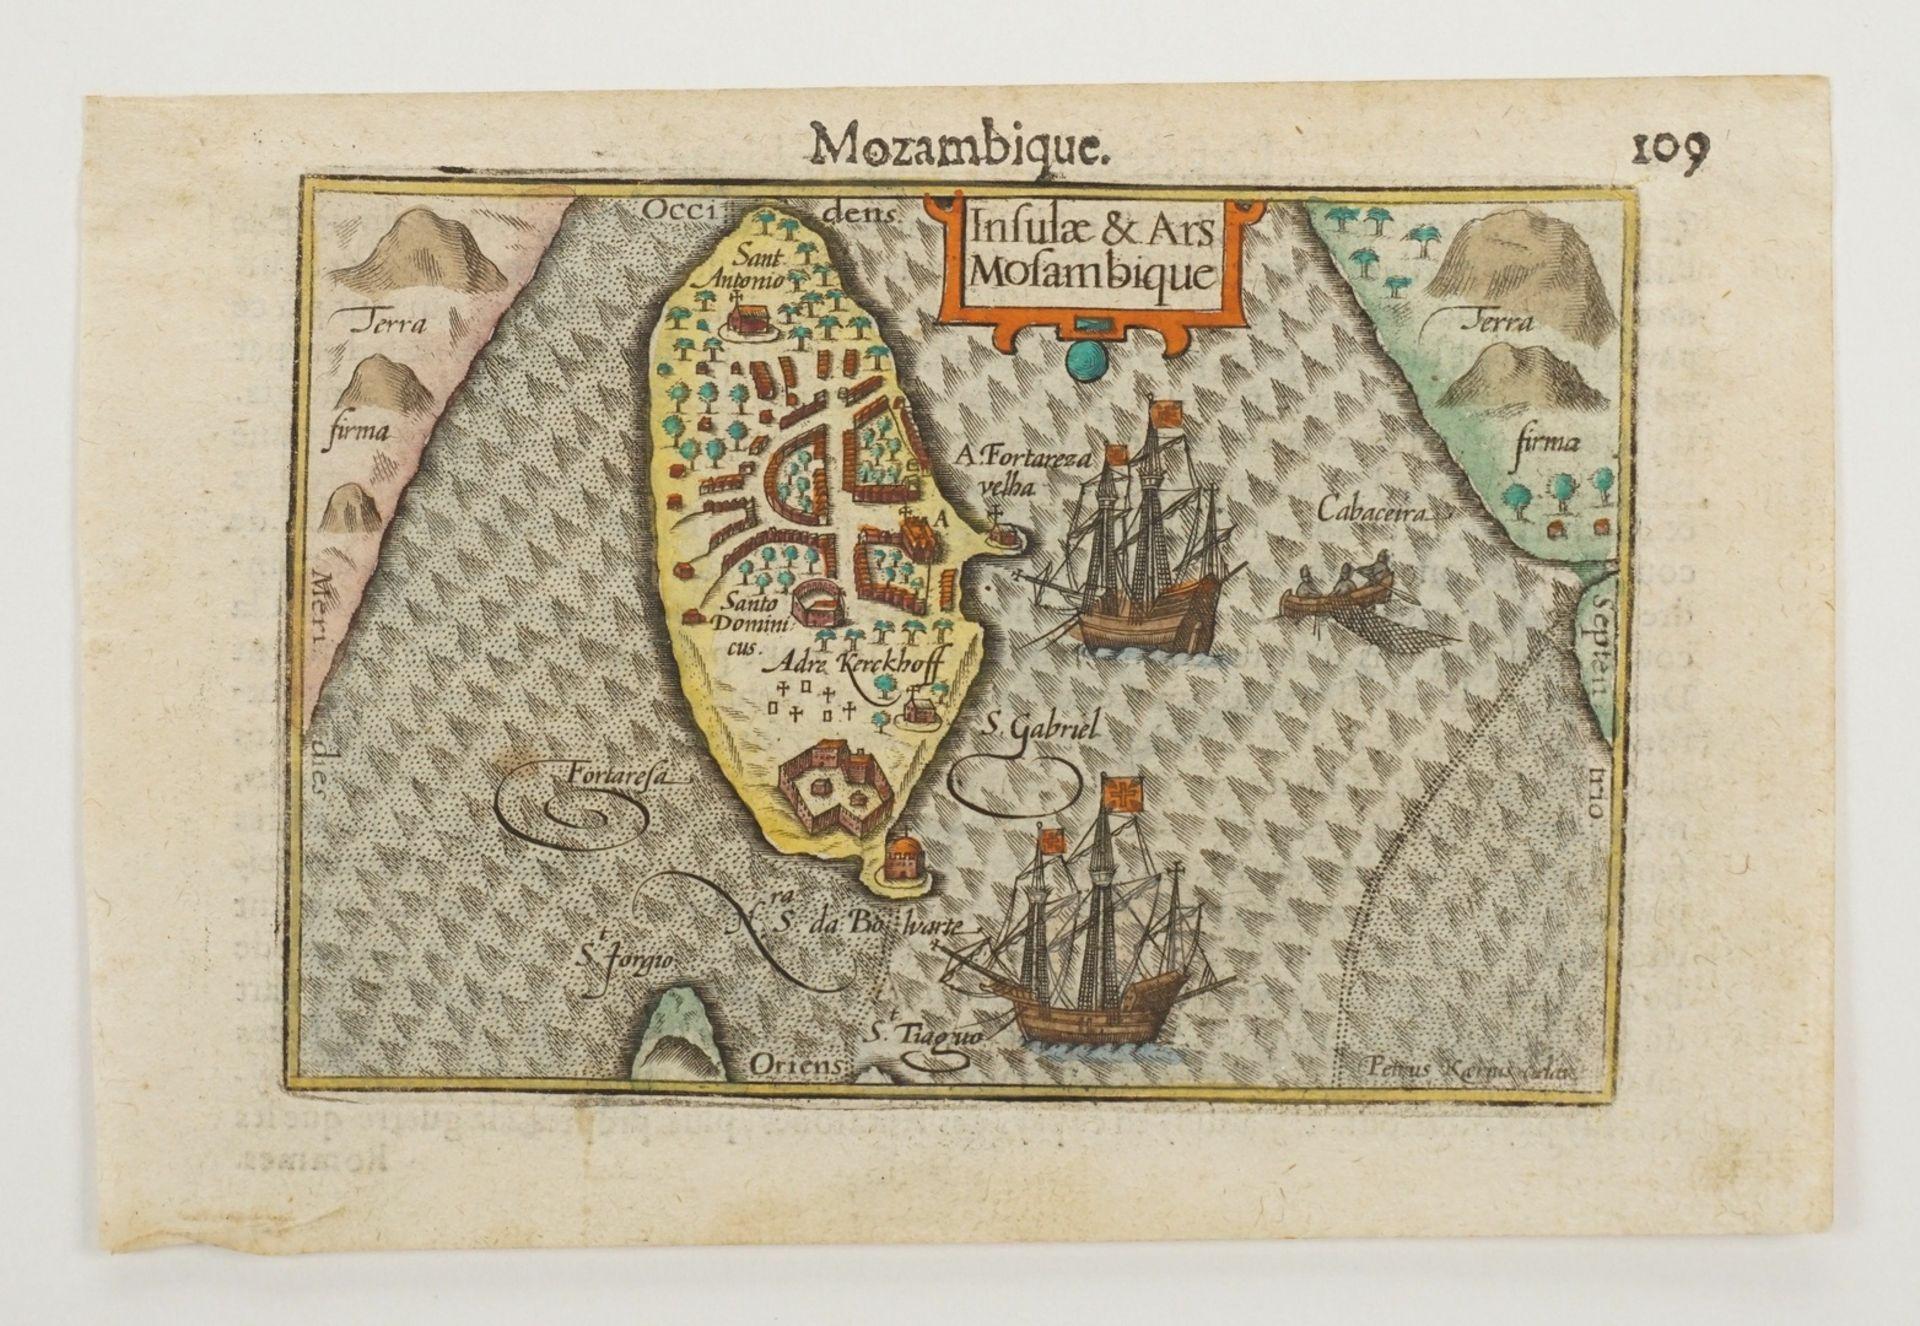 """Pieter van den Keere, """"Mozambique. Insulae & Ars Mosambique"""" (Landkarte von Mosambik) - Bild 3 aus 4"""